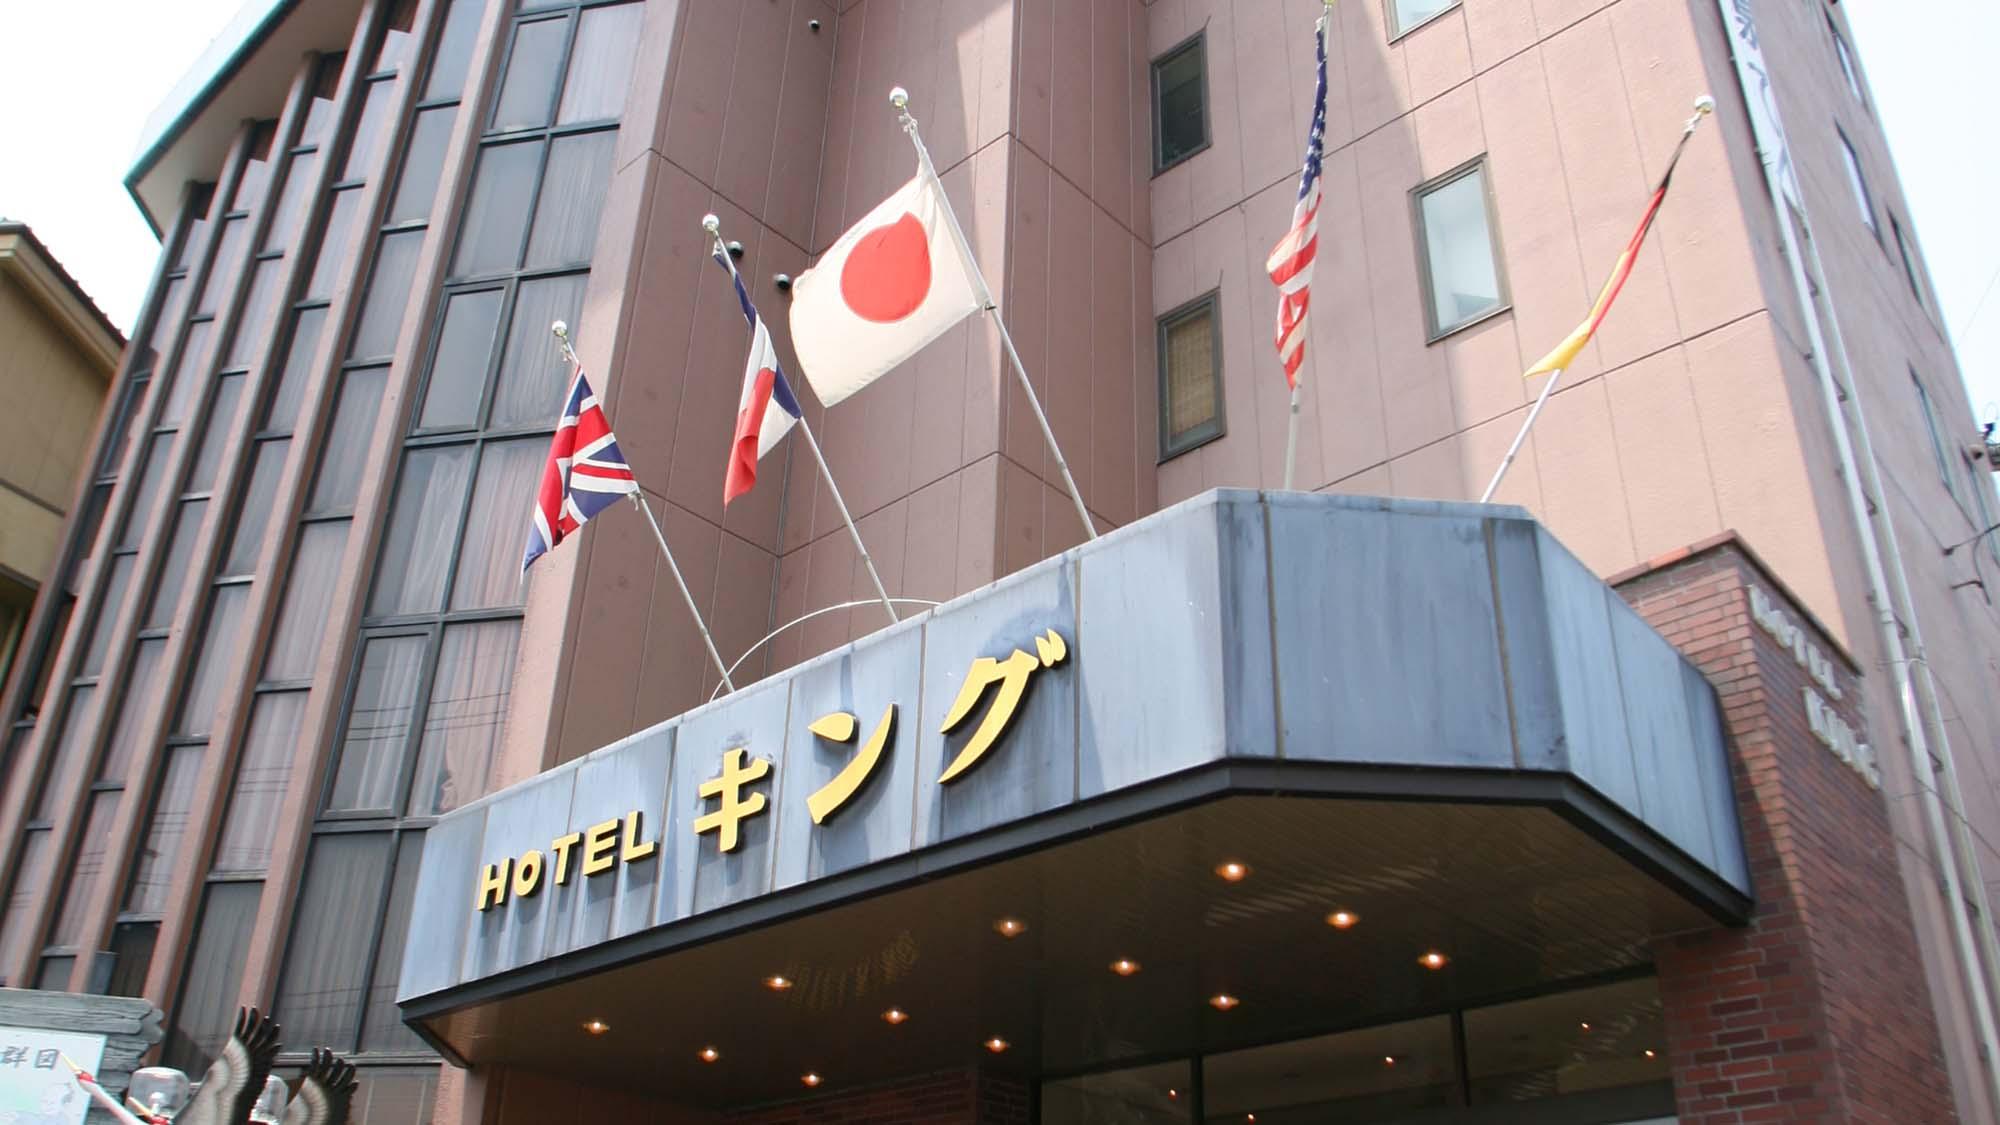 ホテル キング◆楽天トラベル